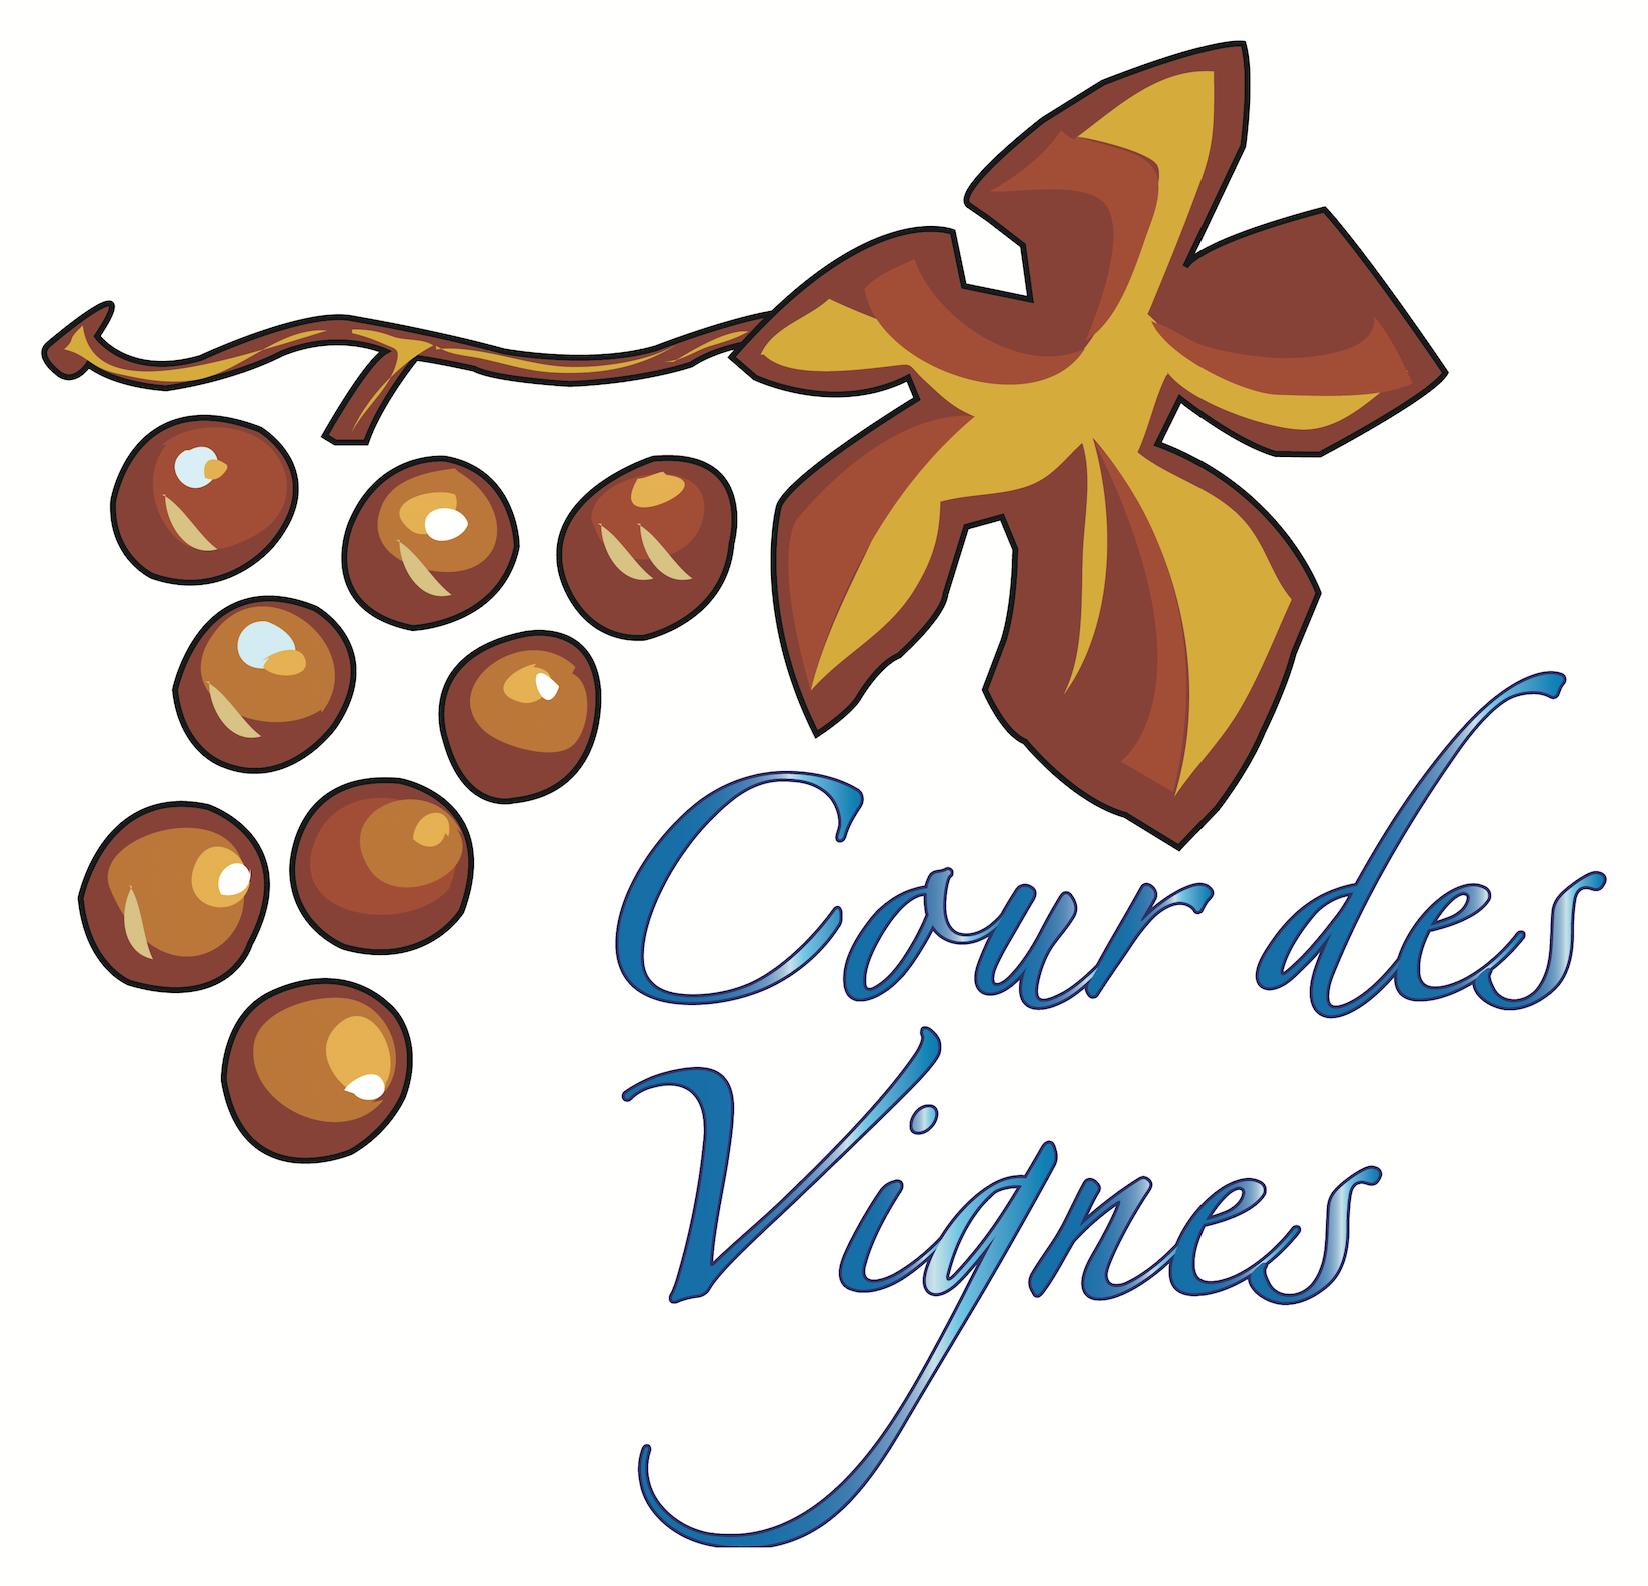 Le restaurant Cour des Vignes vous accueille pour des plats maison accompagnés des meilleurs vins de France